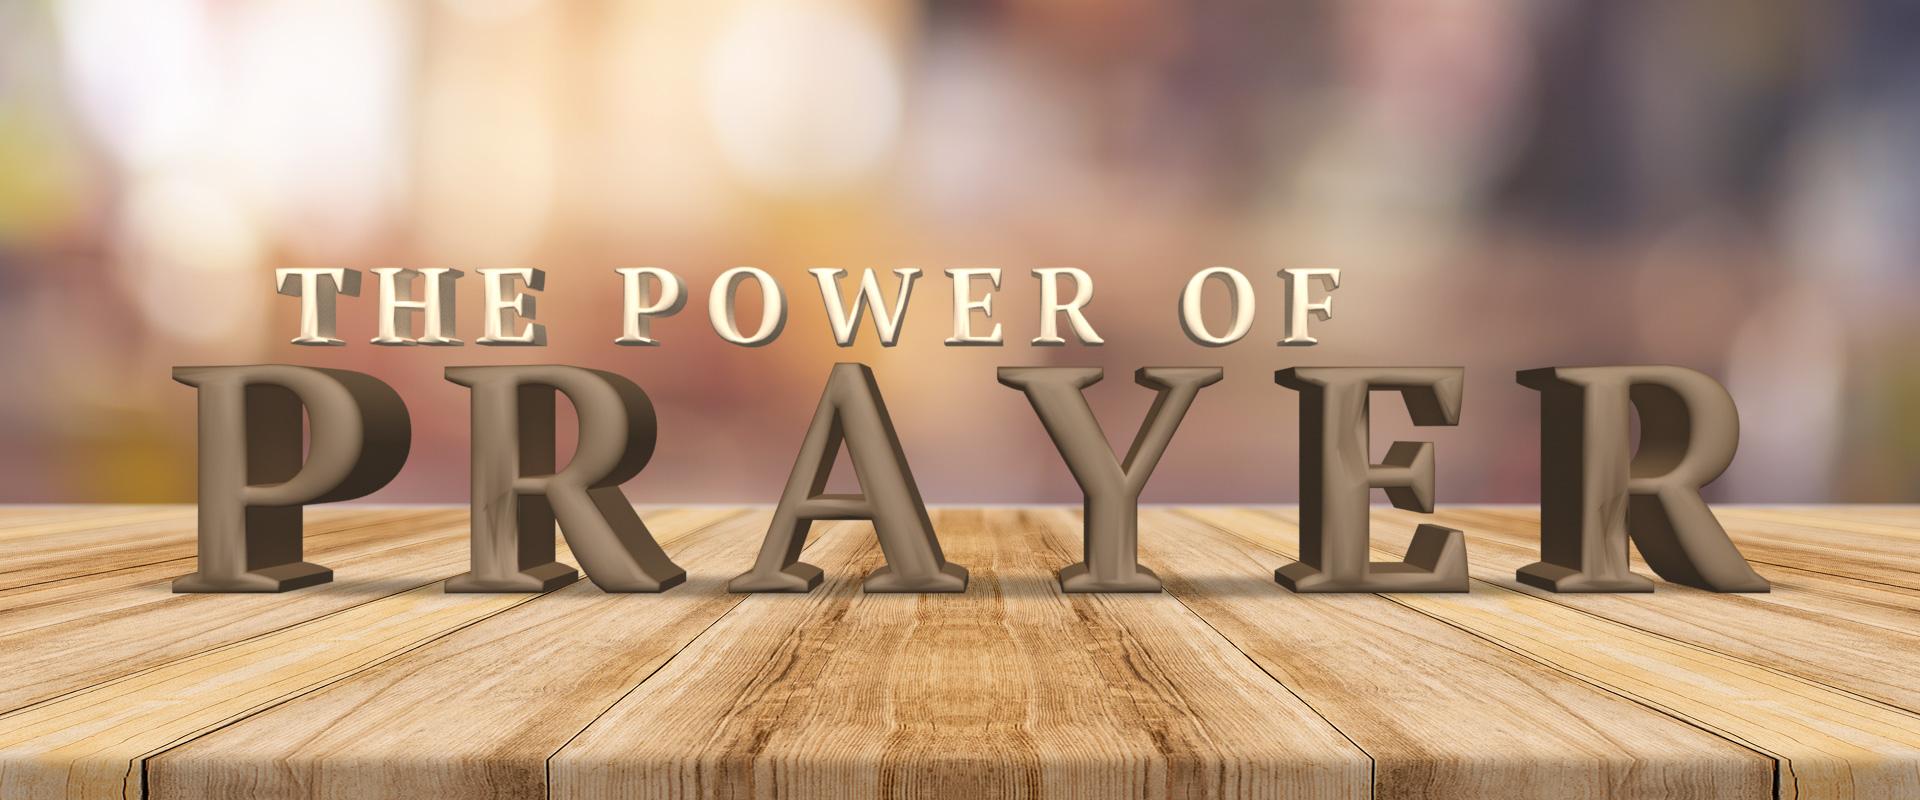 the power of prayer fruit of the spirit clipart fruit of the spirit clip art for children